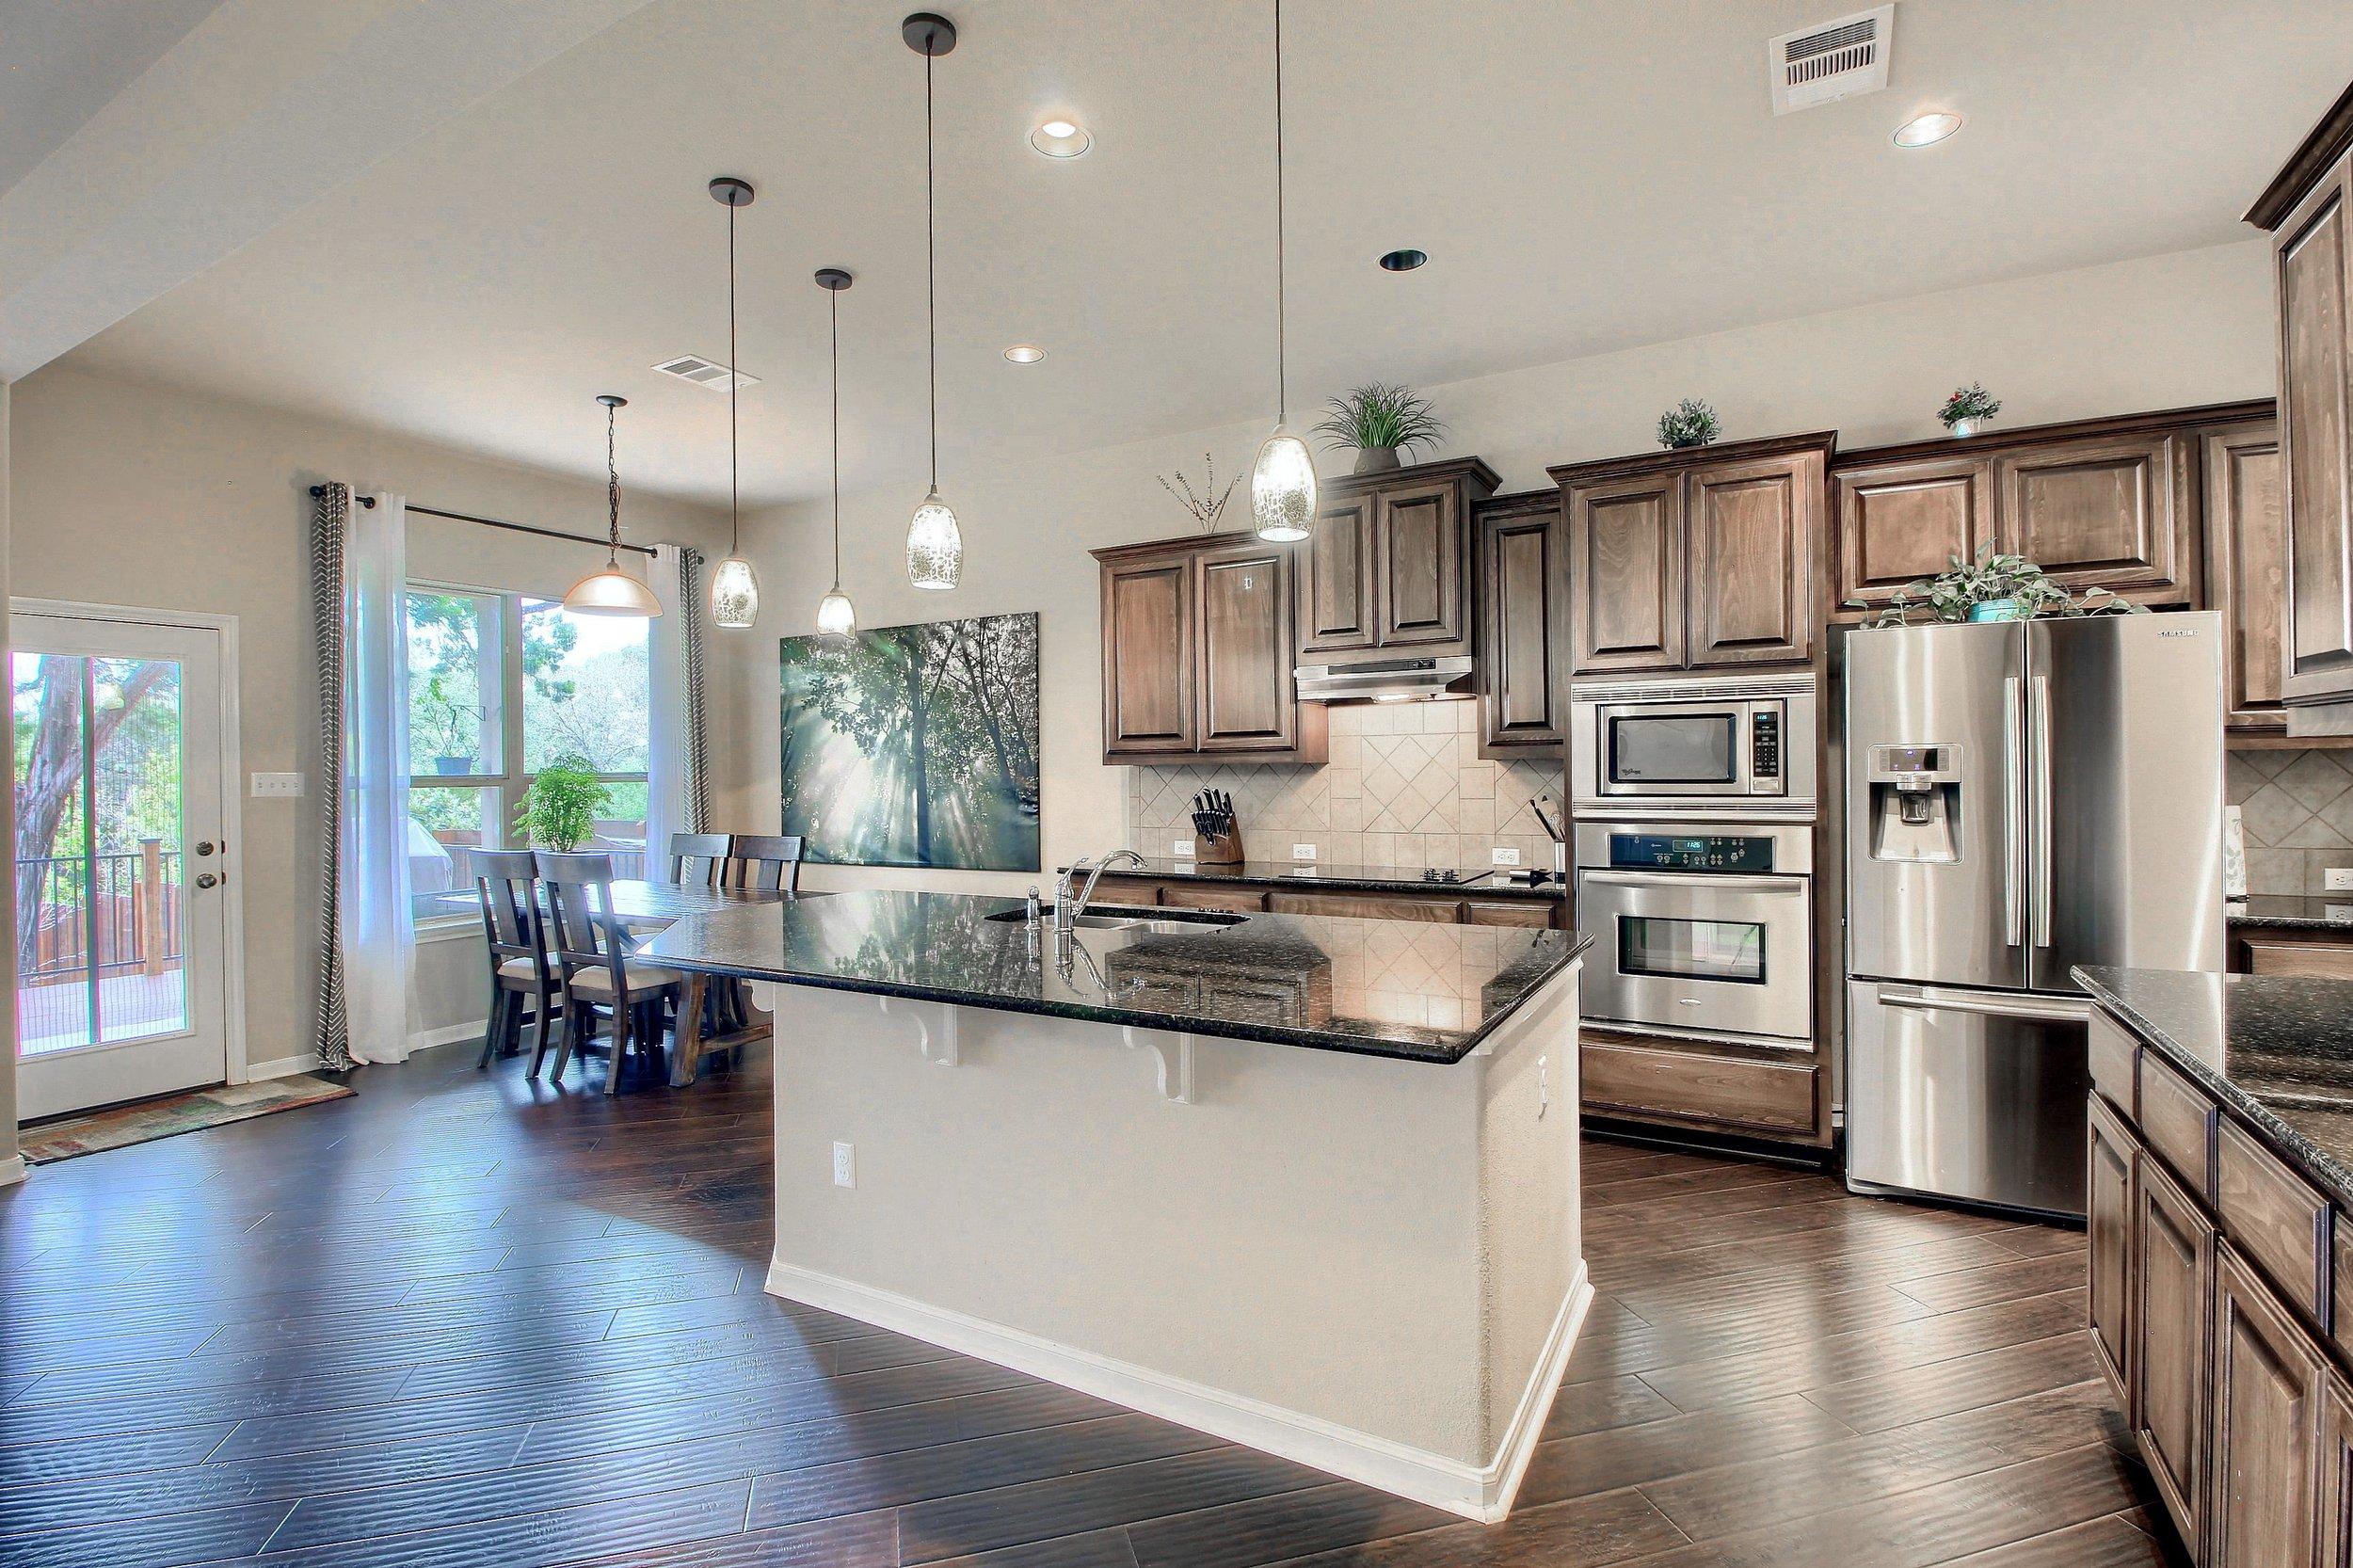 What a stunning Kitchen!